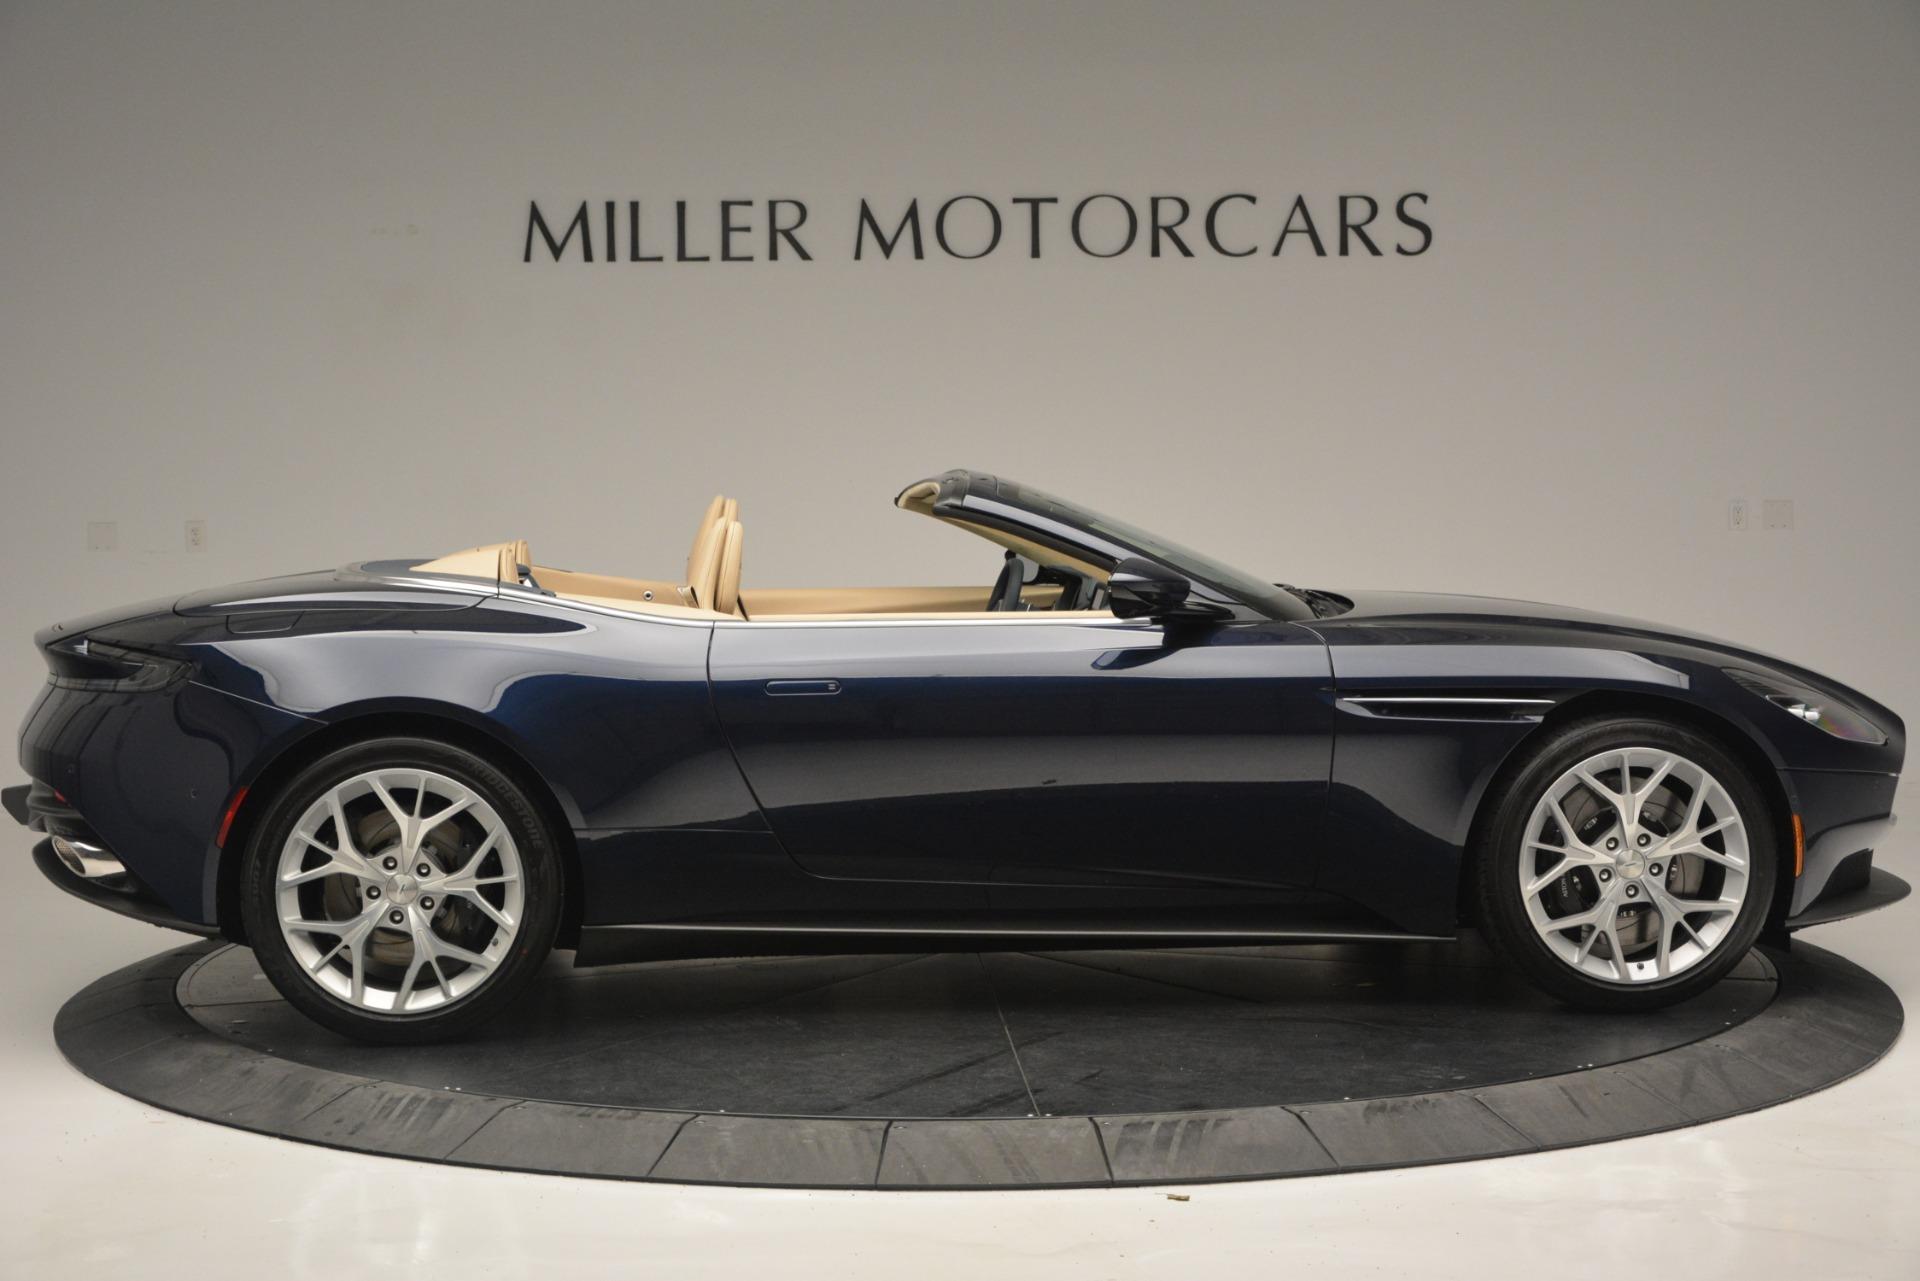 New 2019 Aston Martin DB11 Volante Volante For Sale In Greenwich, CT 2594_p9